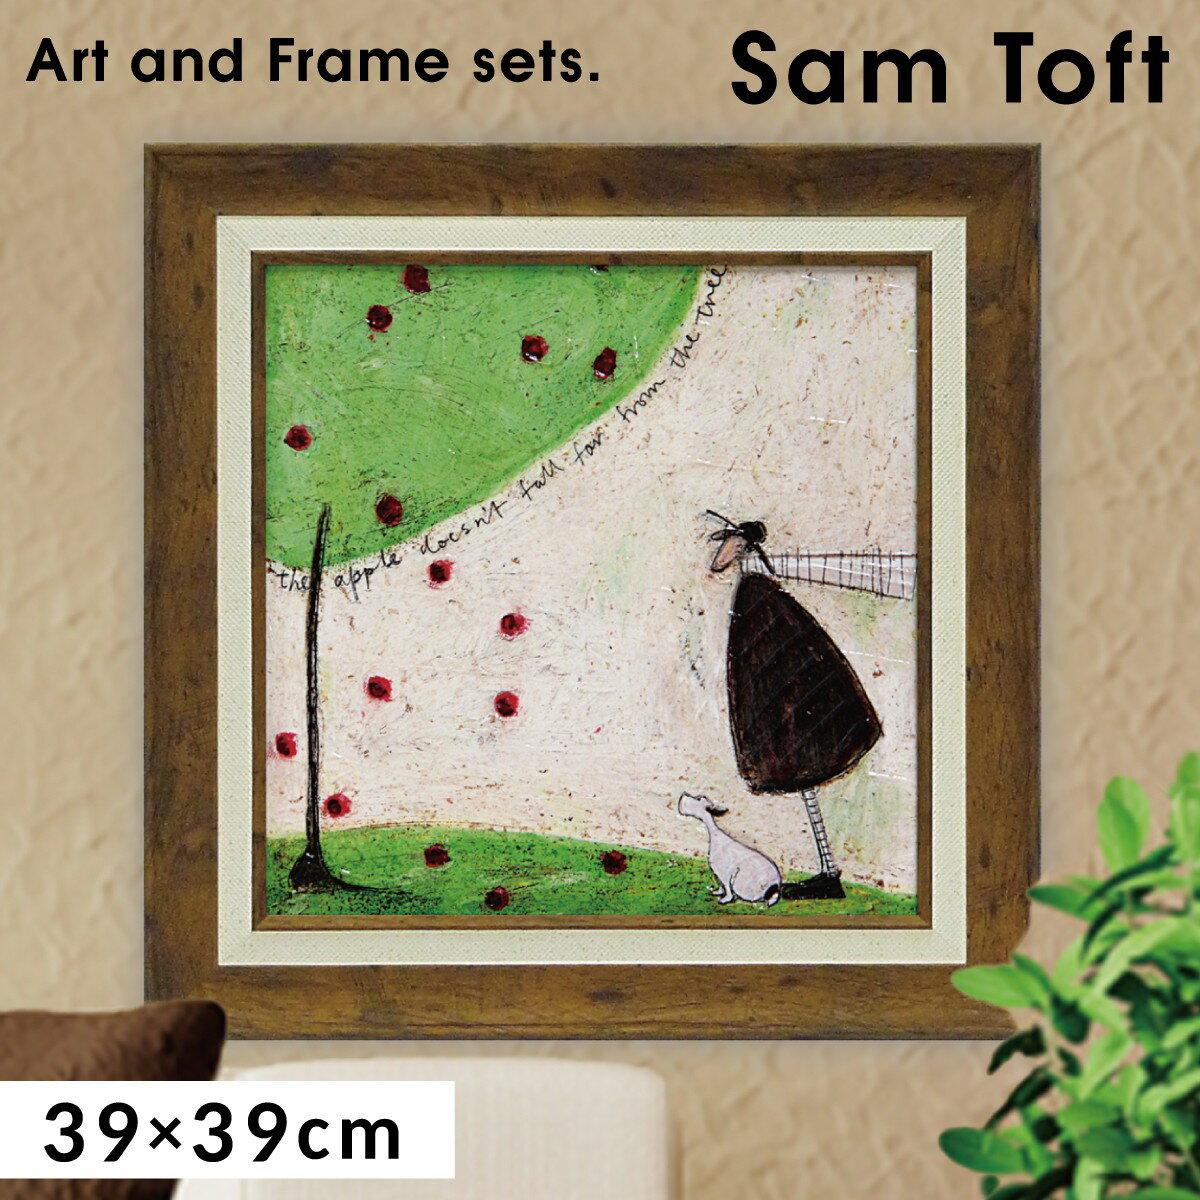 絵画 サムトフト 絵 アート インテリア サムトフト リンゴは木から落っこちない ST-06509